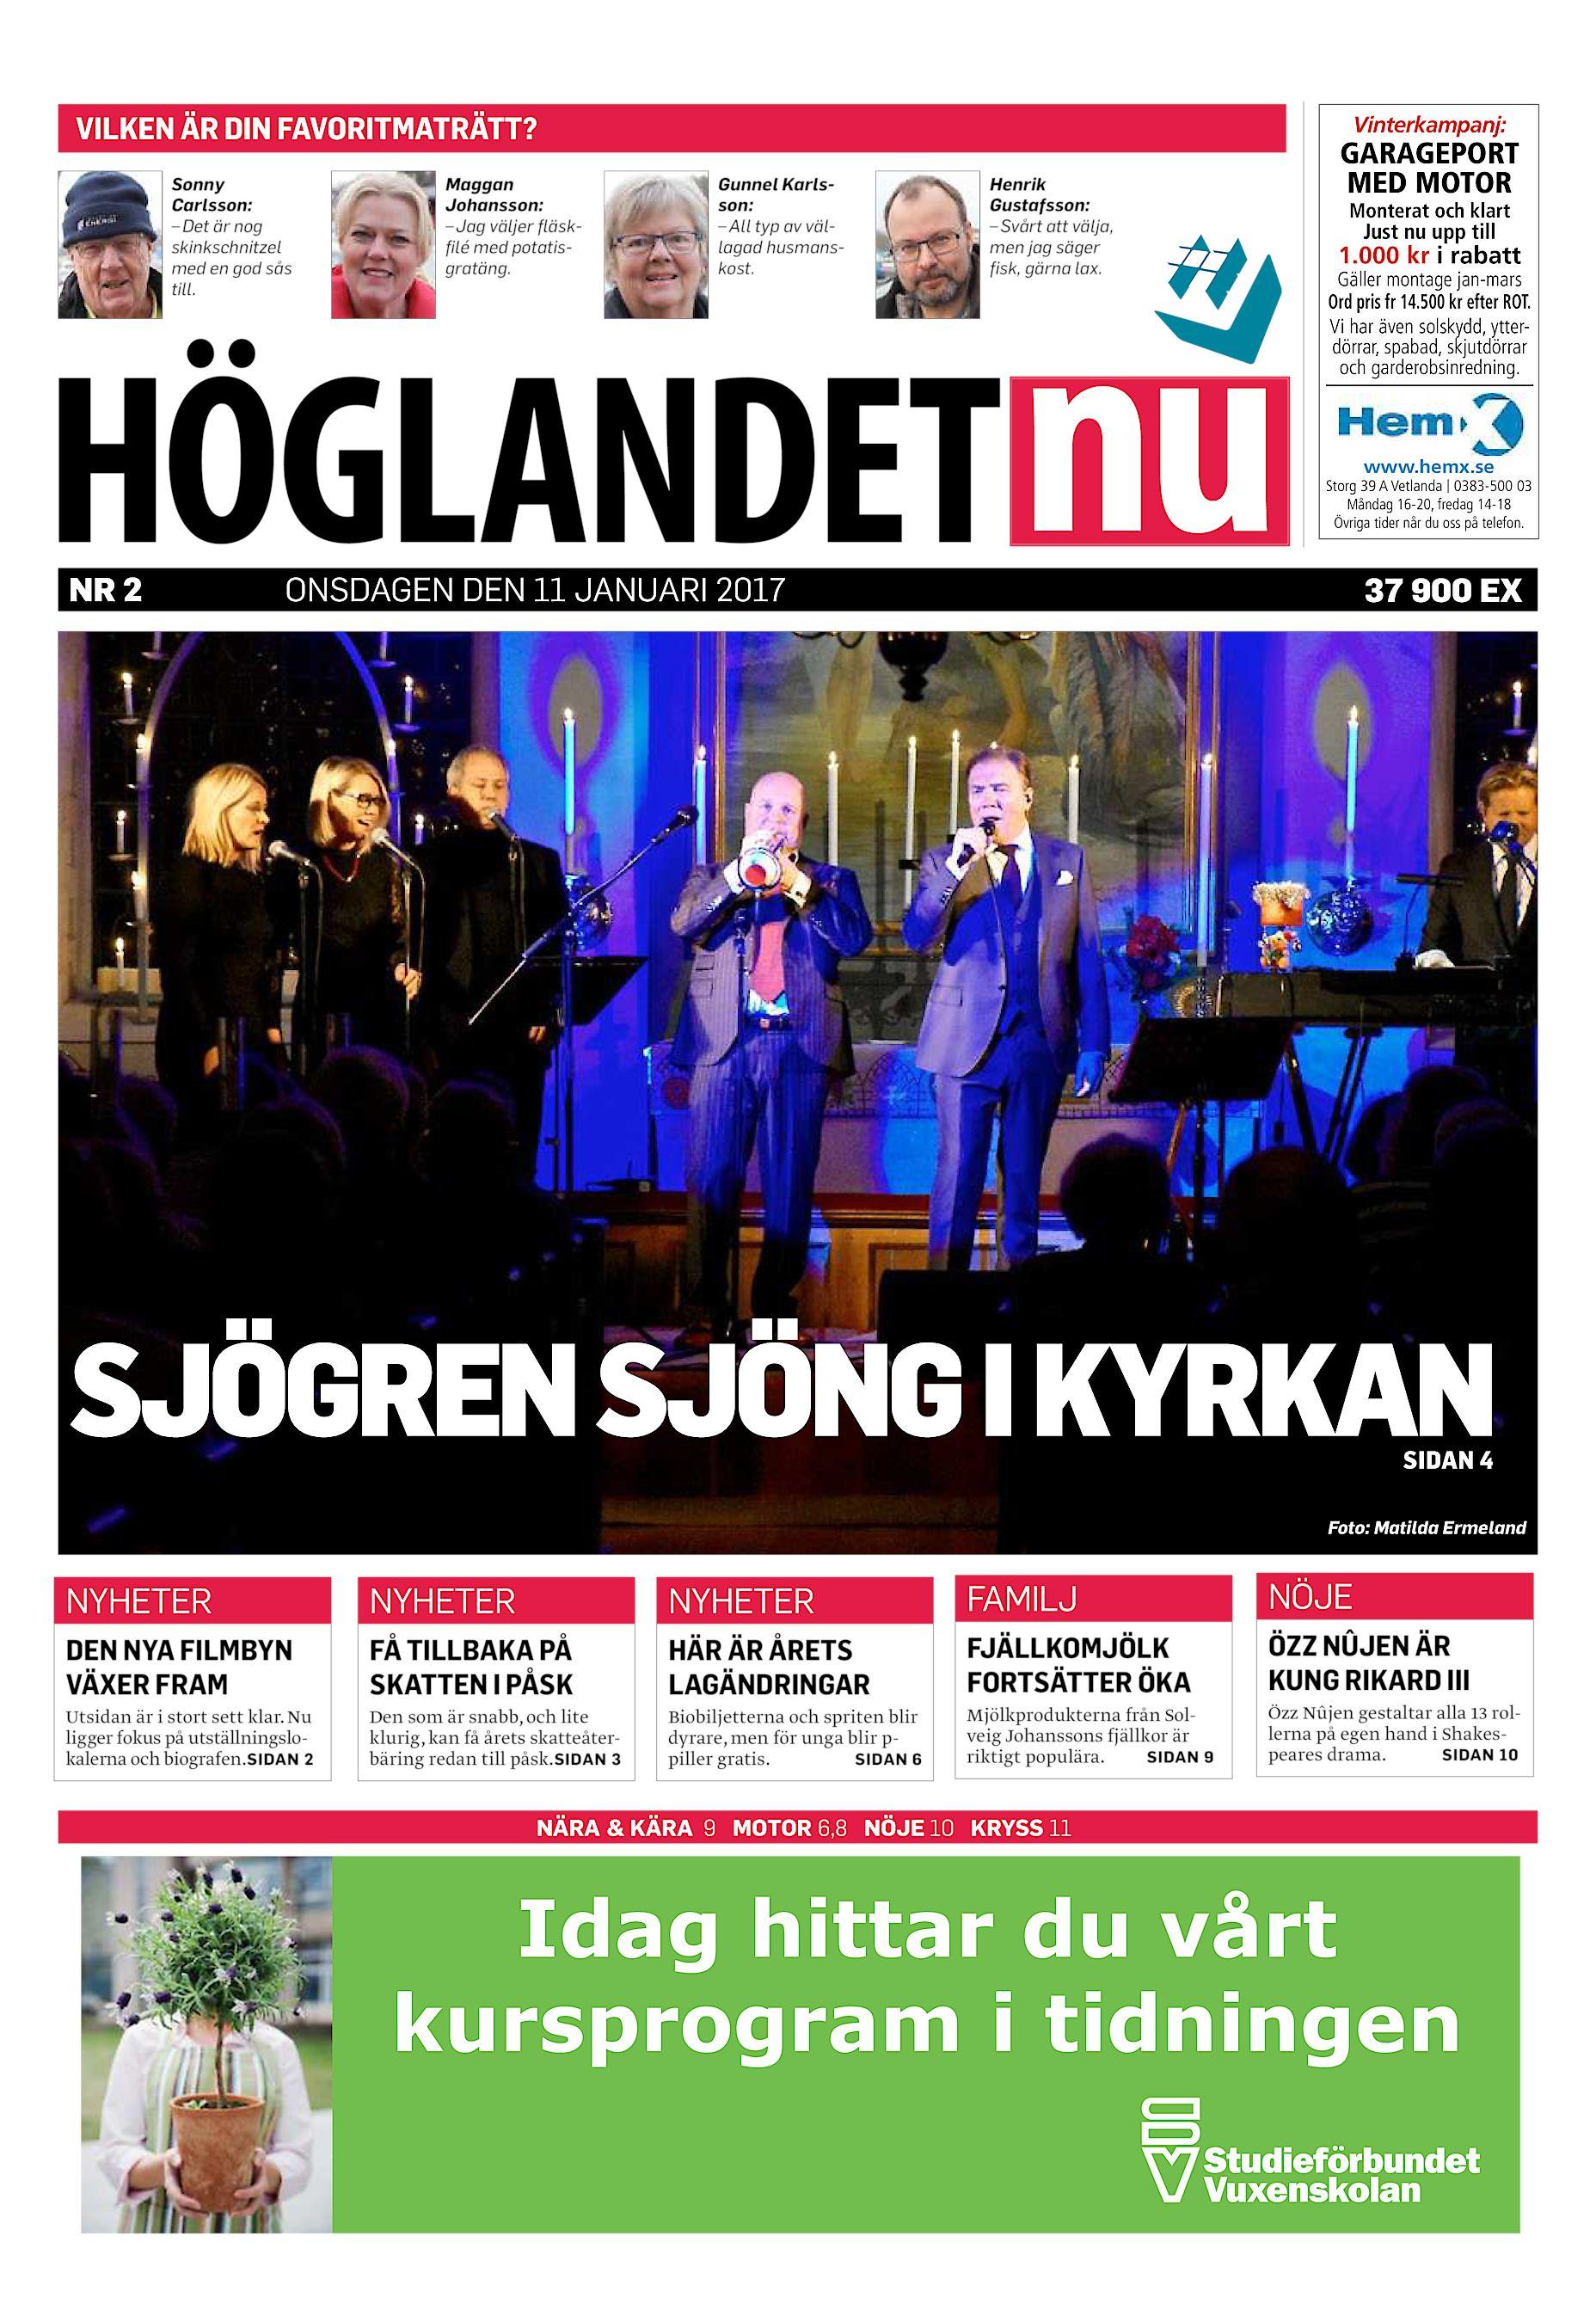 266a9c9e023c Höglandet.nu HNU-20170111 (endast text)